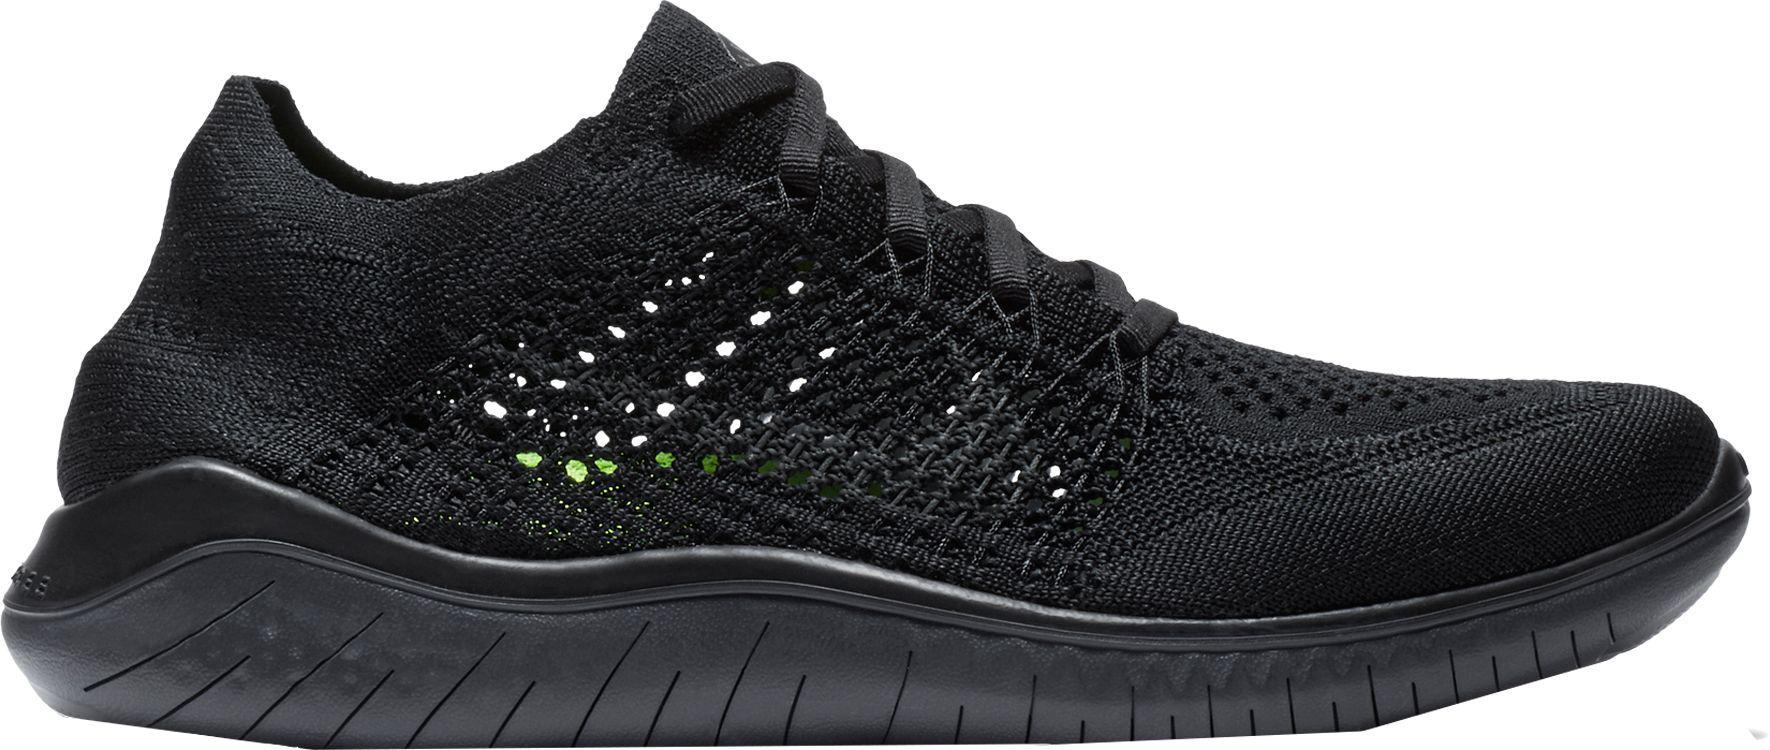 FREE RUN 2017 SOLSTICE - FOOTWEAR - Low-tops & sneakers Nike VH5Zzb